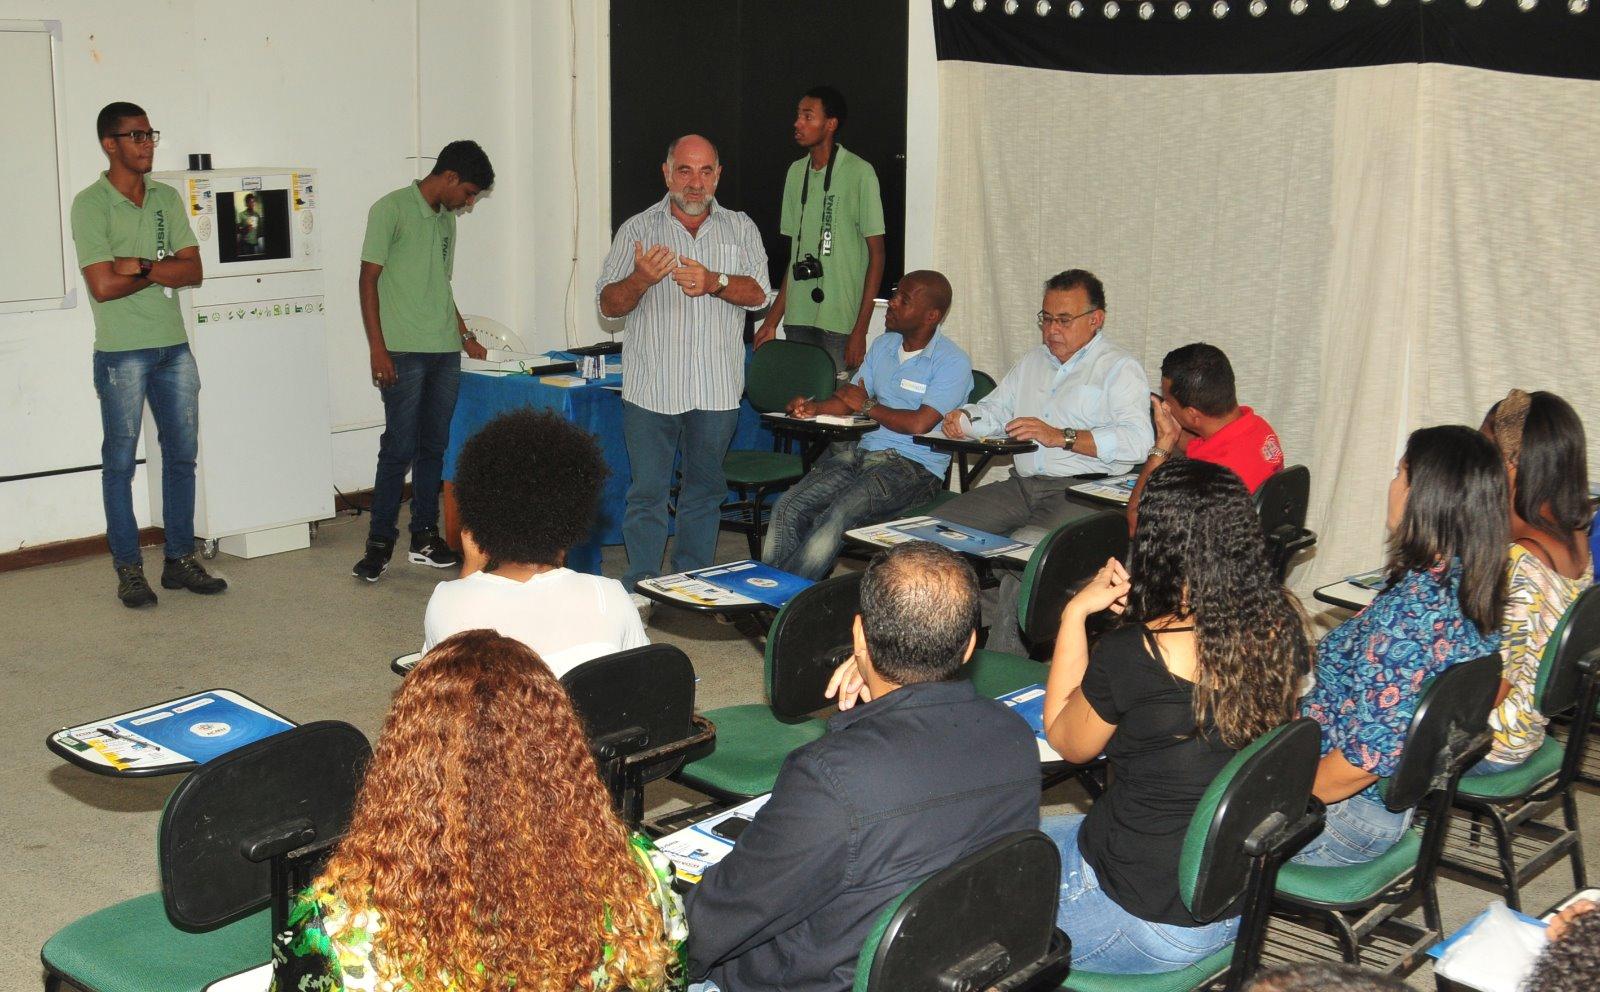 Empresa Júnior criada através de projeto social da Prefeitura é apresentada em Lauro de Freitas